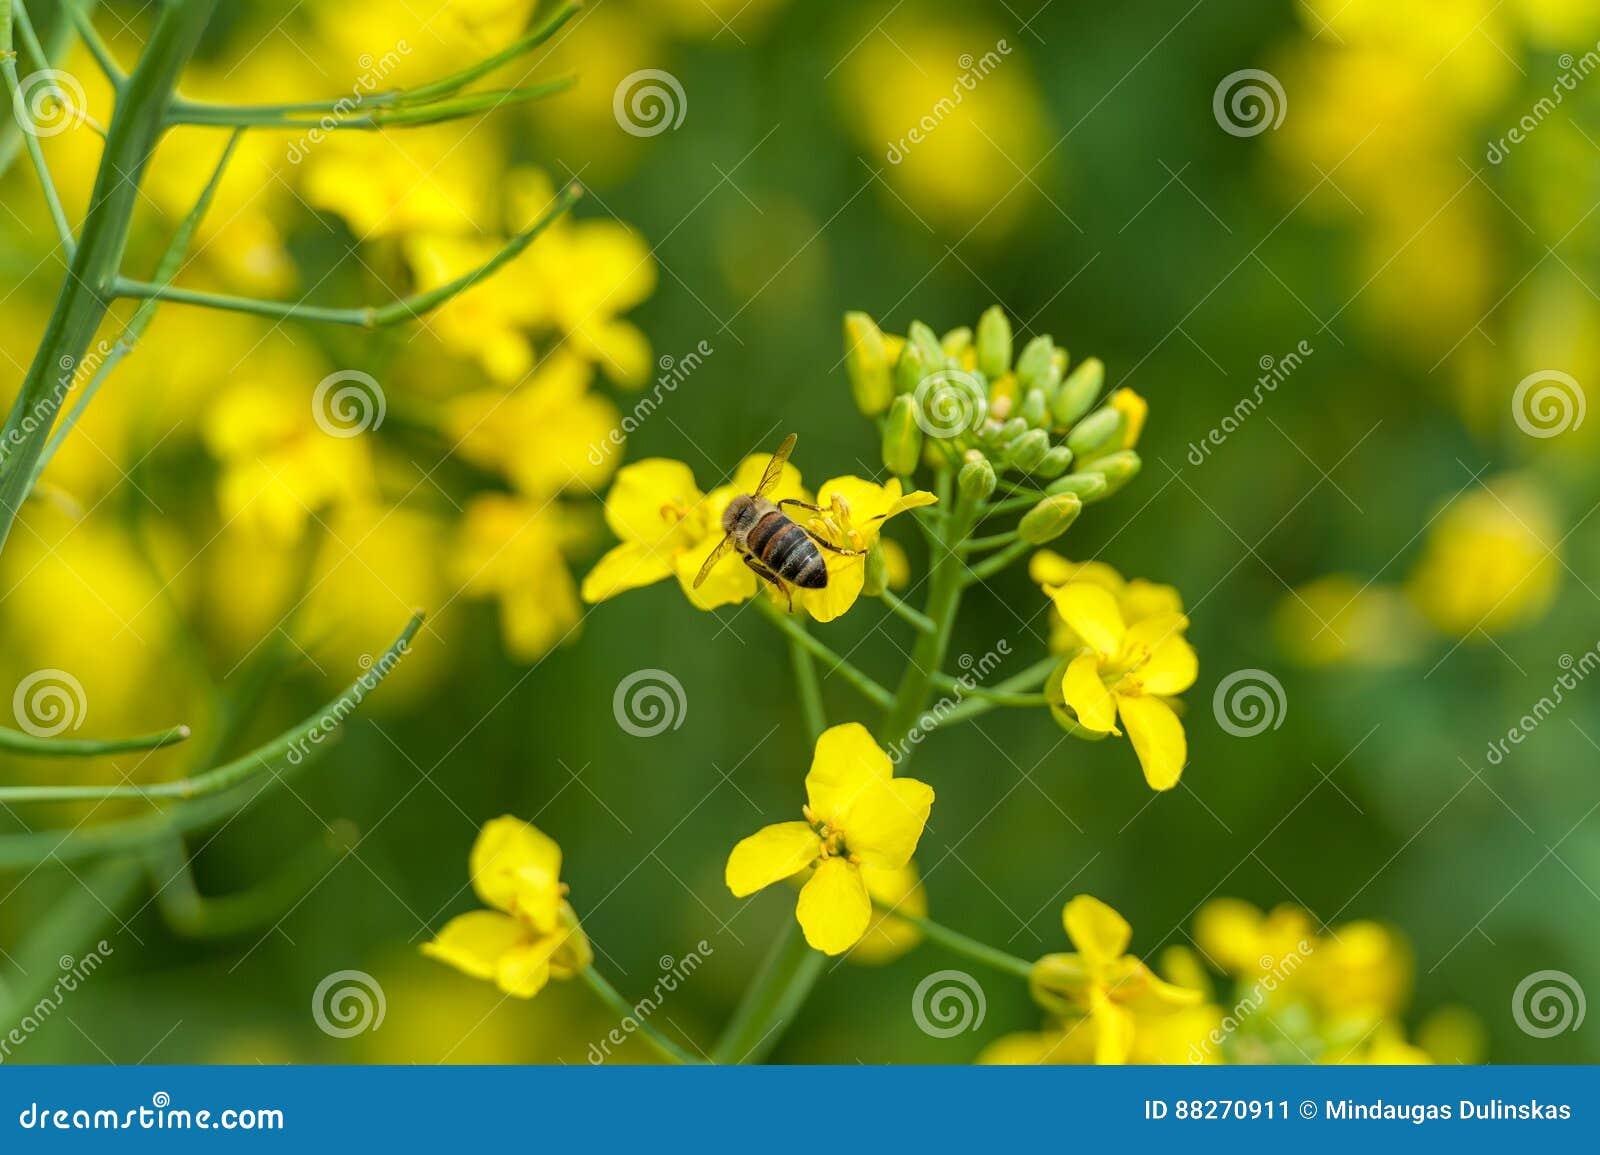 Sessão fotográfica macro da abelha Campo da colza no bacground blurry